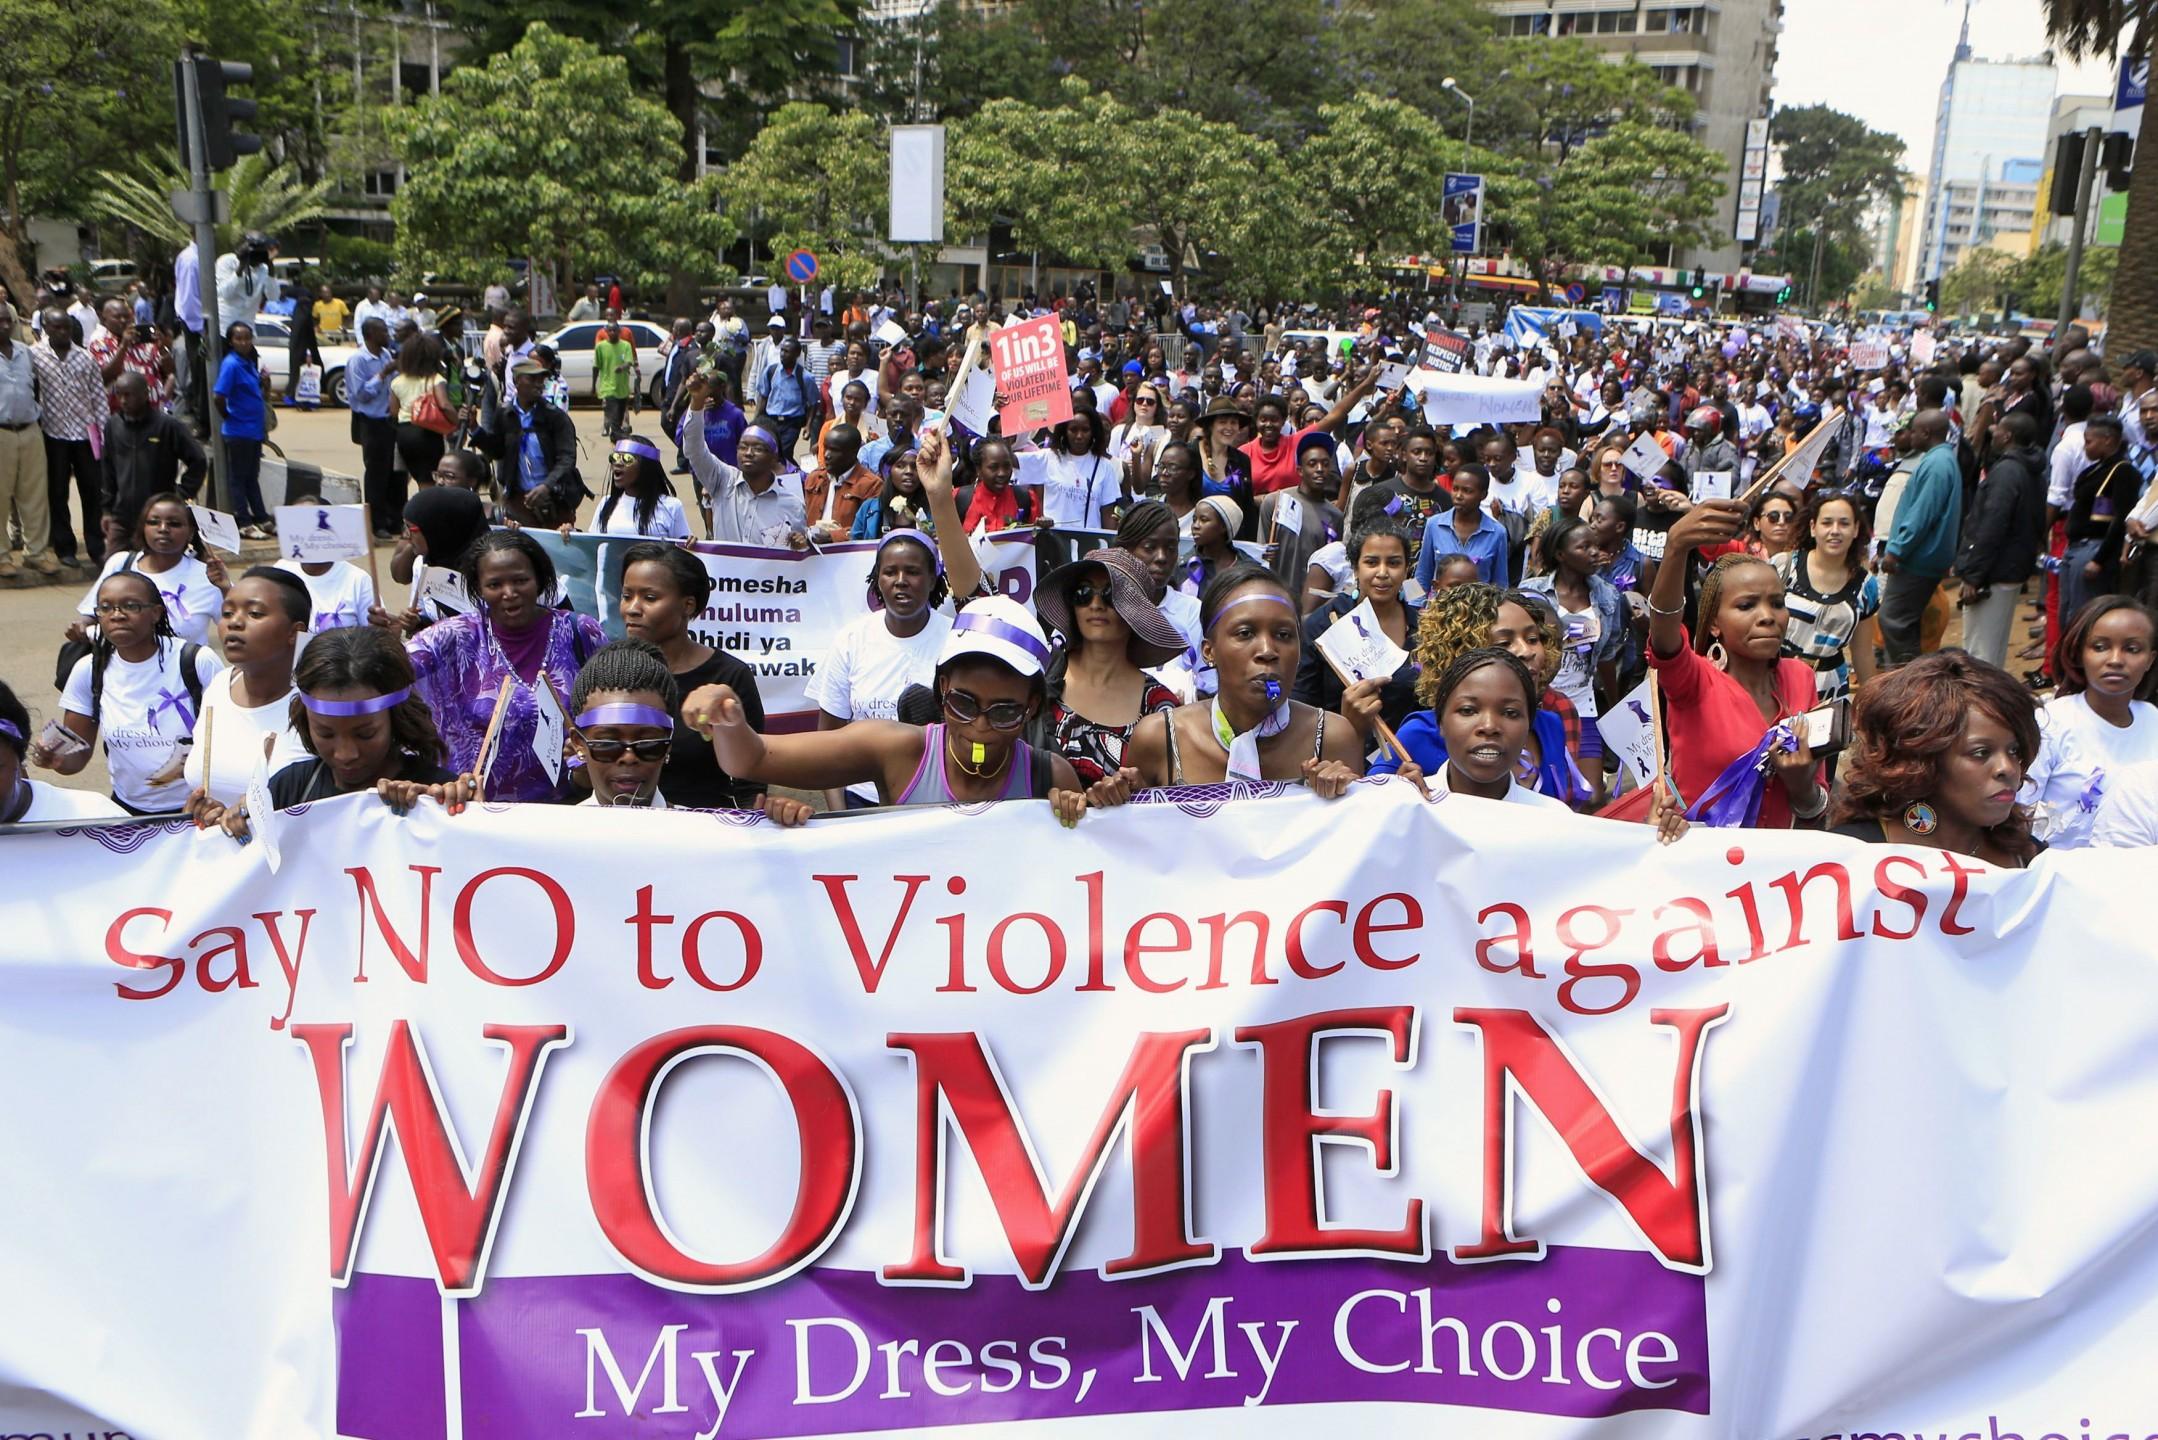 Violence women #mydressmychoice